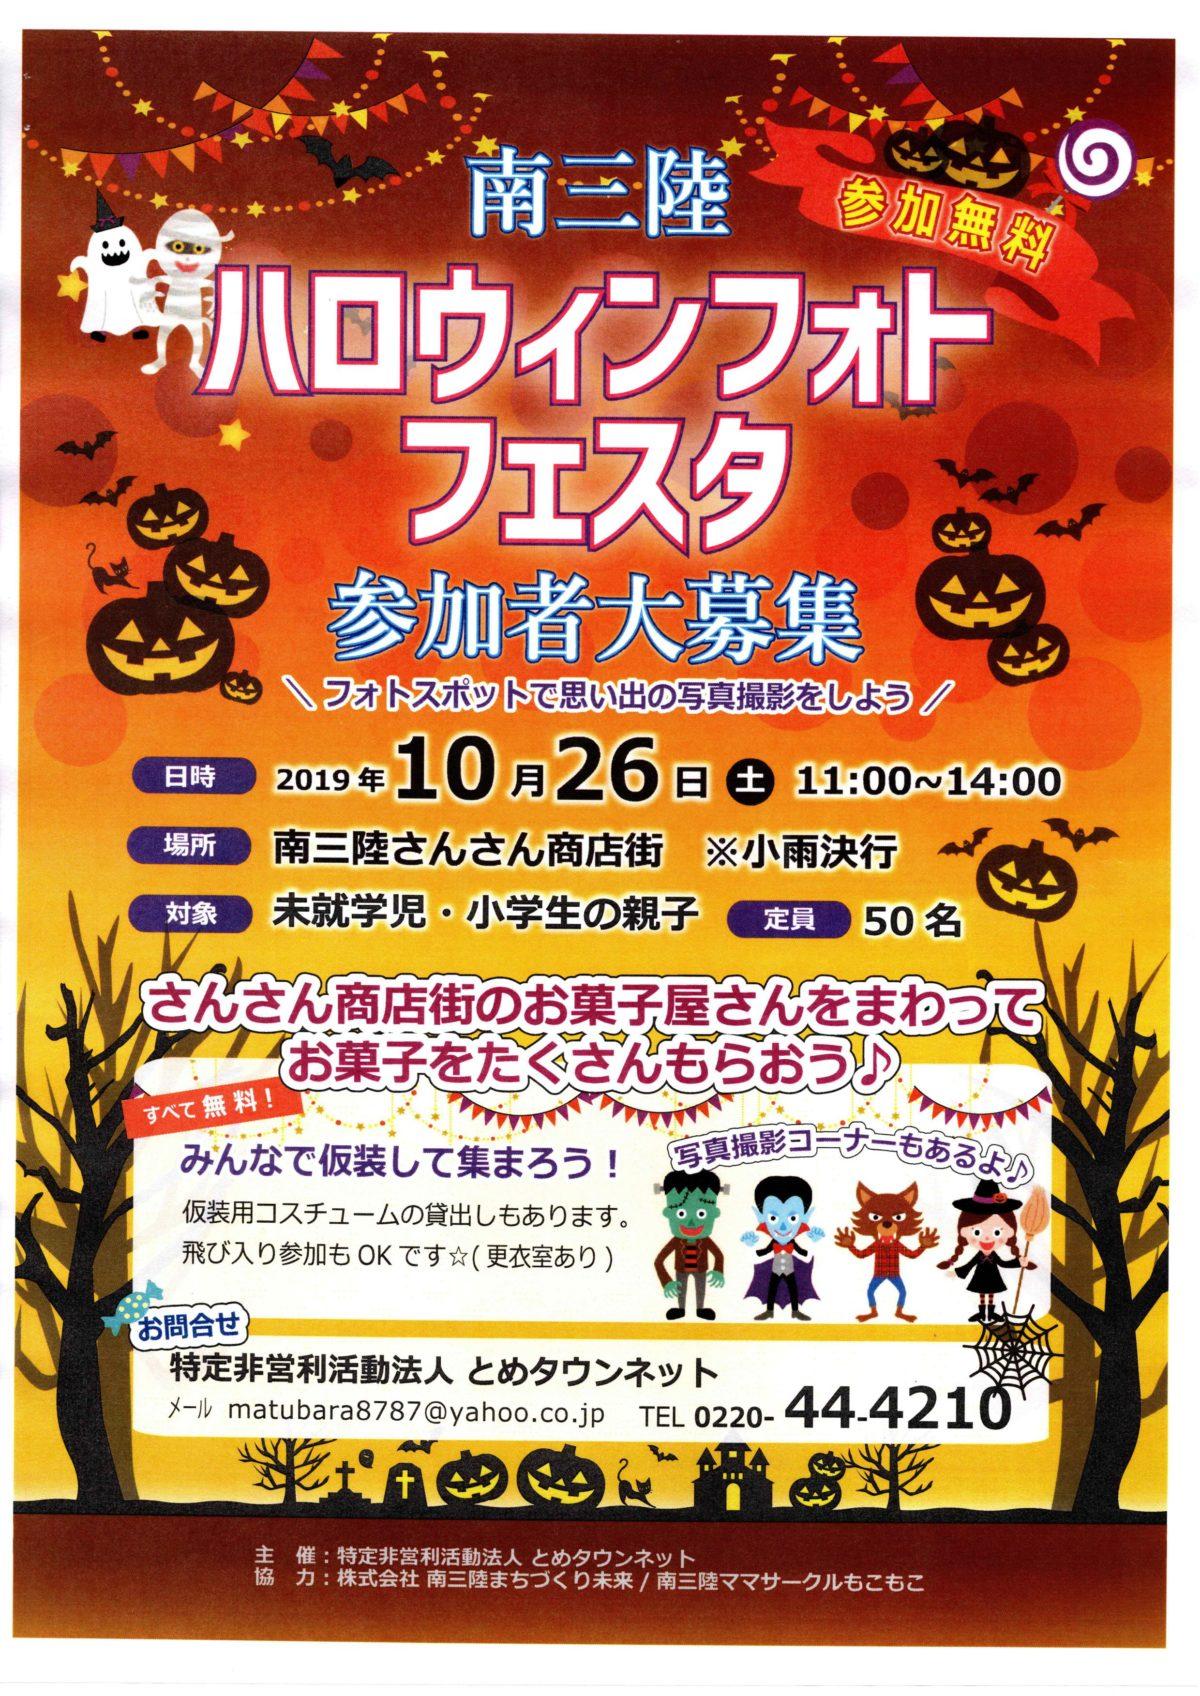 今週末10月26日(土)さんさん商店街で『南三陸ハロウィンフォトフェスタ』を開催!